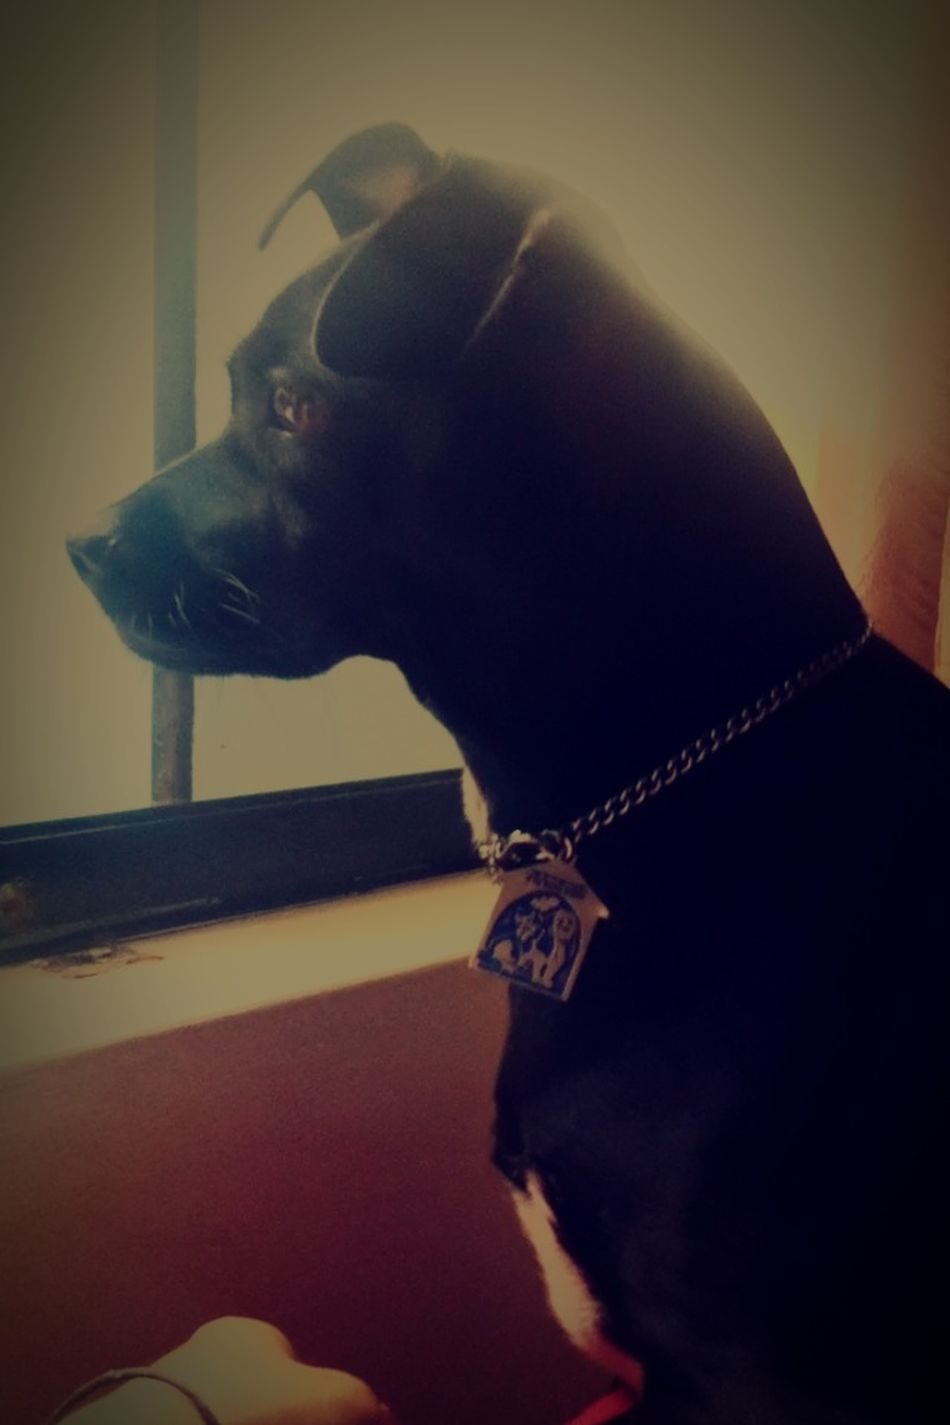 My dog. I speak spanish and english